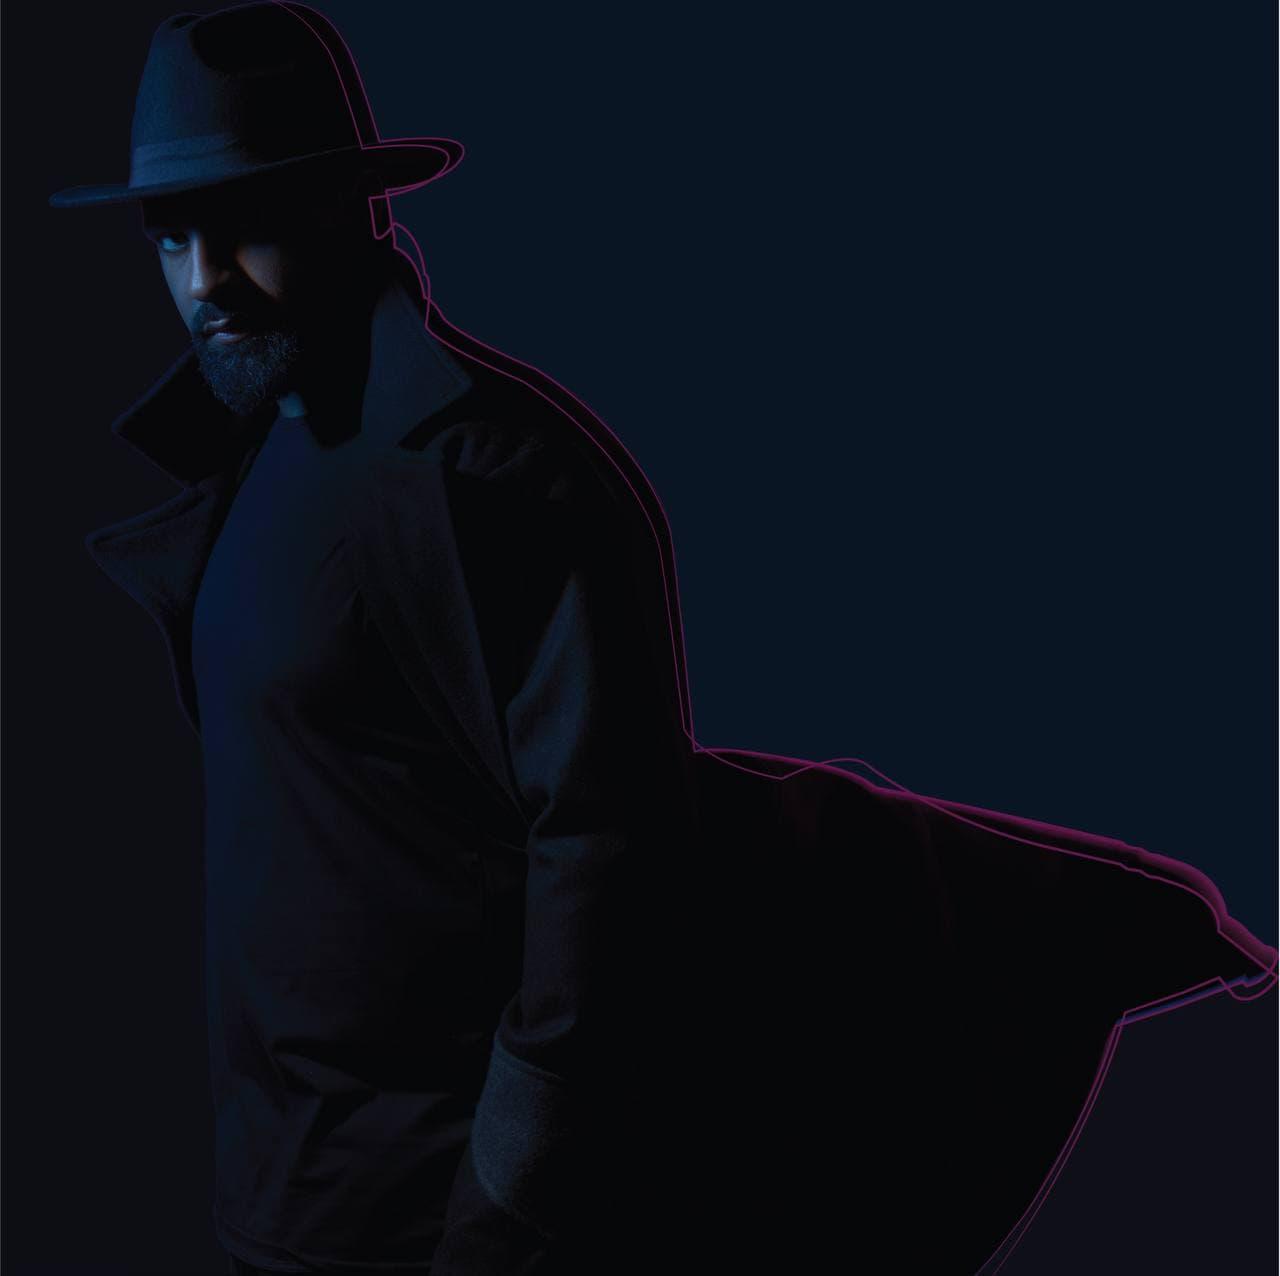 Ο Ησαΐας Ματιάμπα επιστρέφει με νέο τραγούδι